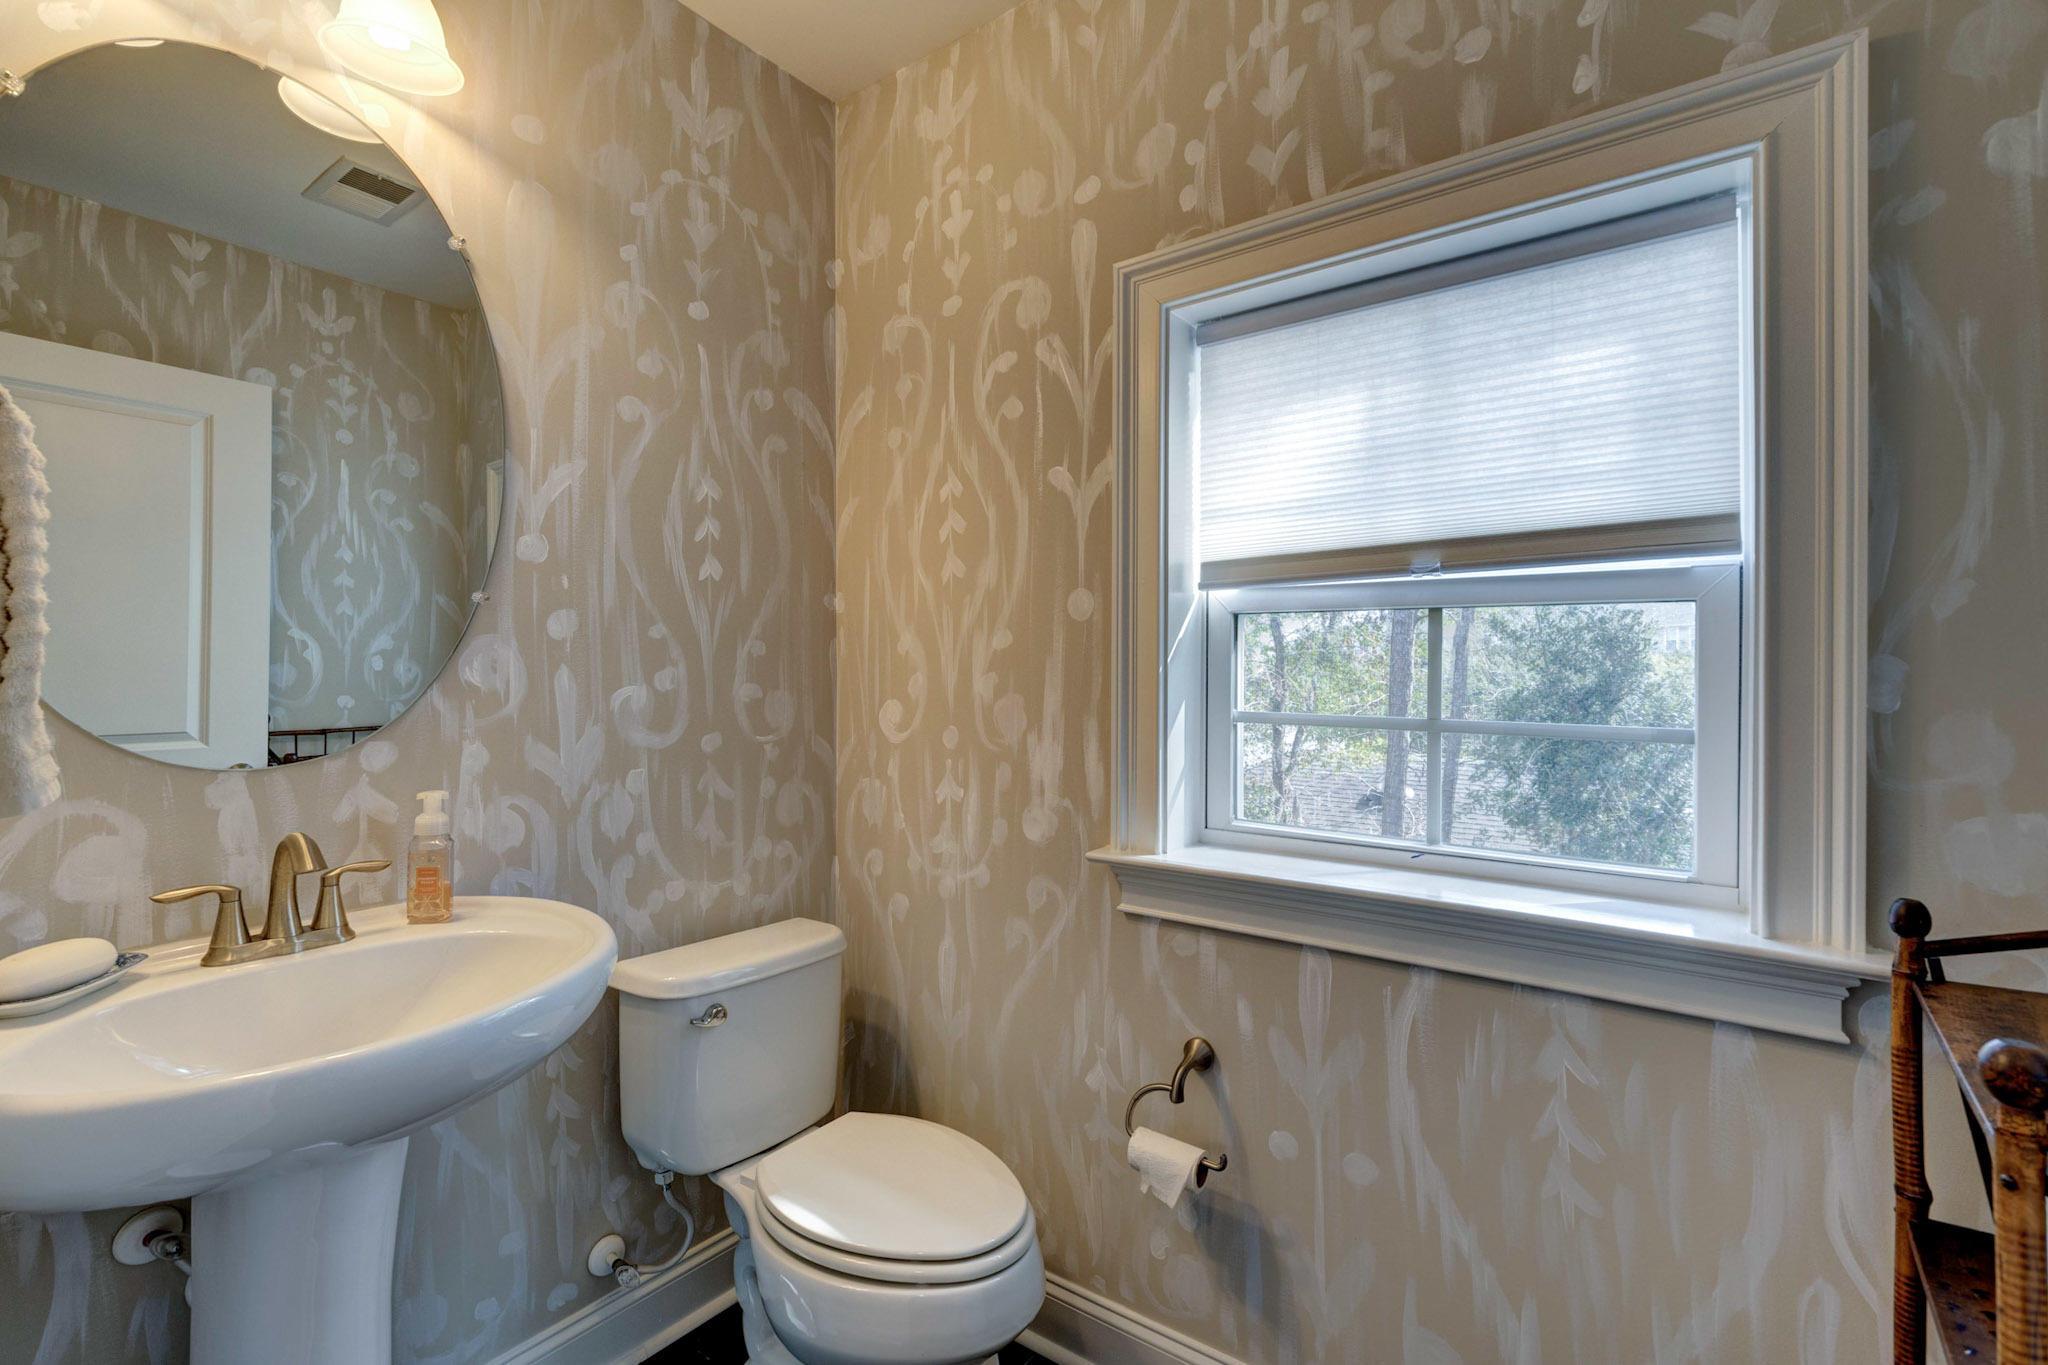 Bowman Park Homes For Sale - 1017 Bowman Woods, Mount Pleasant, SC - 3